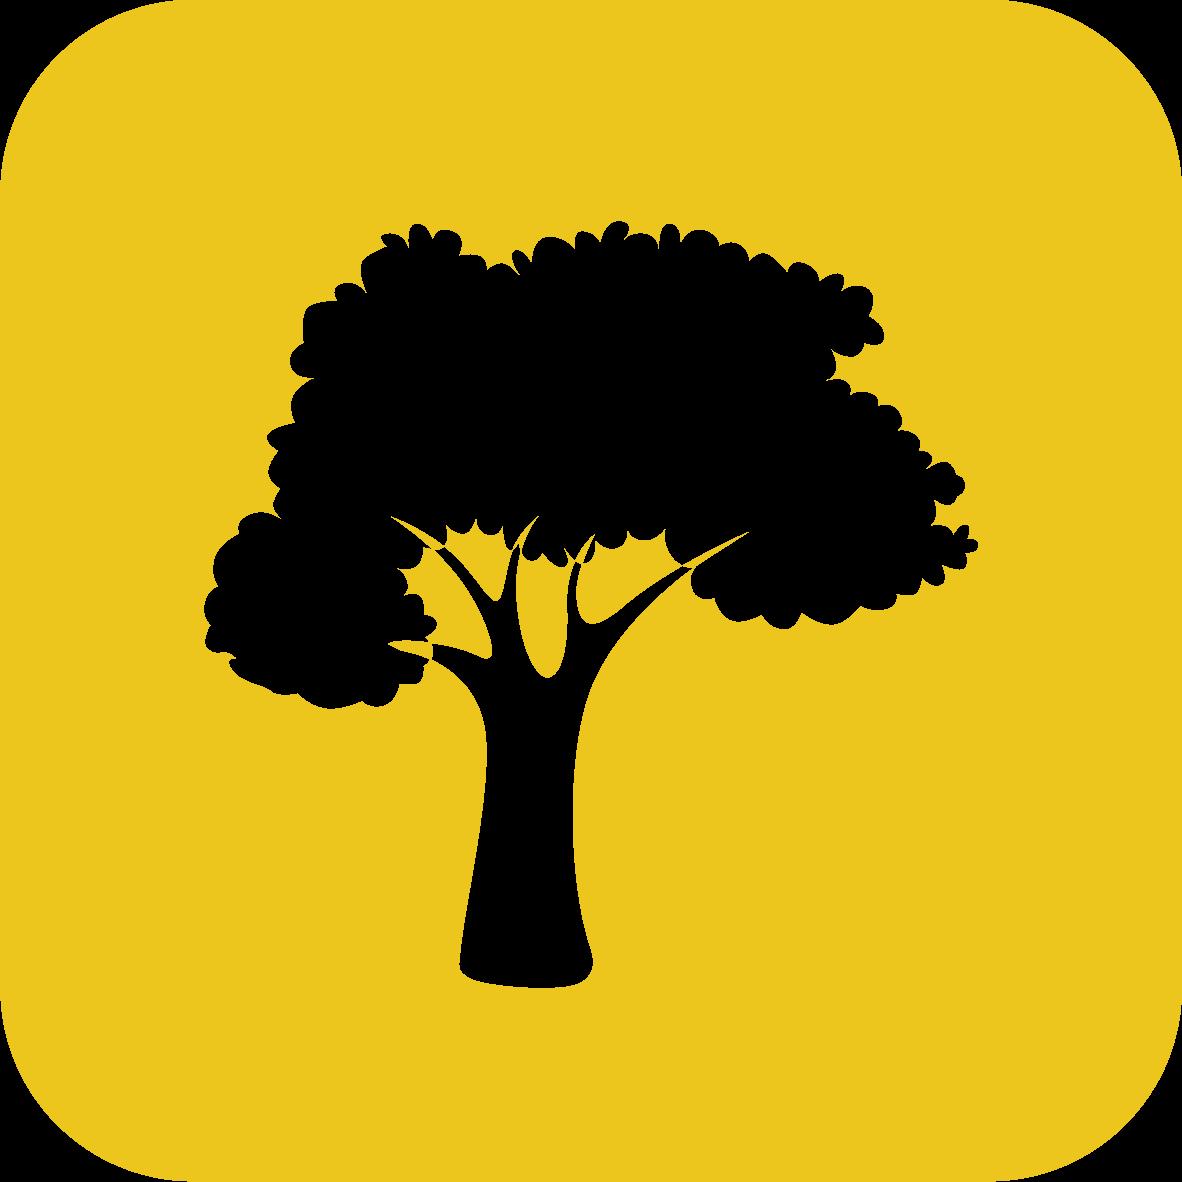 ไอคอน รั้วล้อมสวนของรั้วตาข่ายถักปม รุ่นสูง 165 ซม.